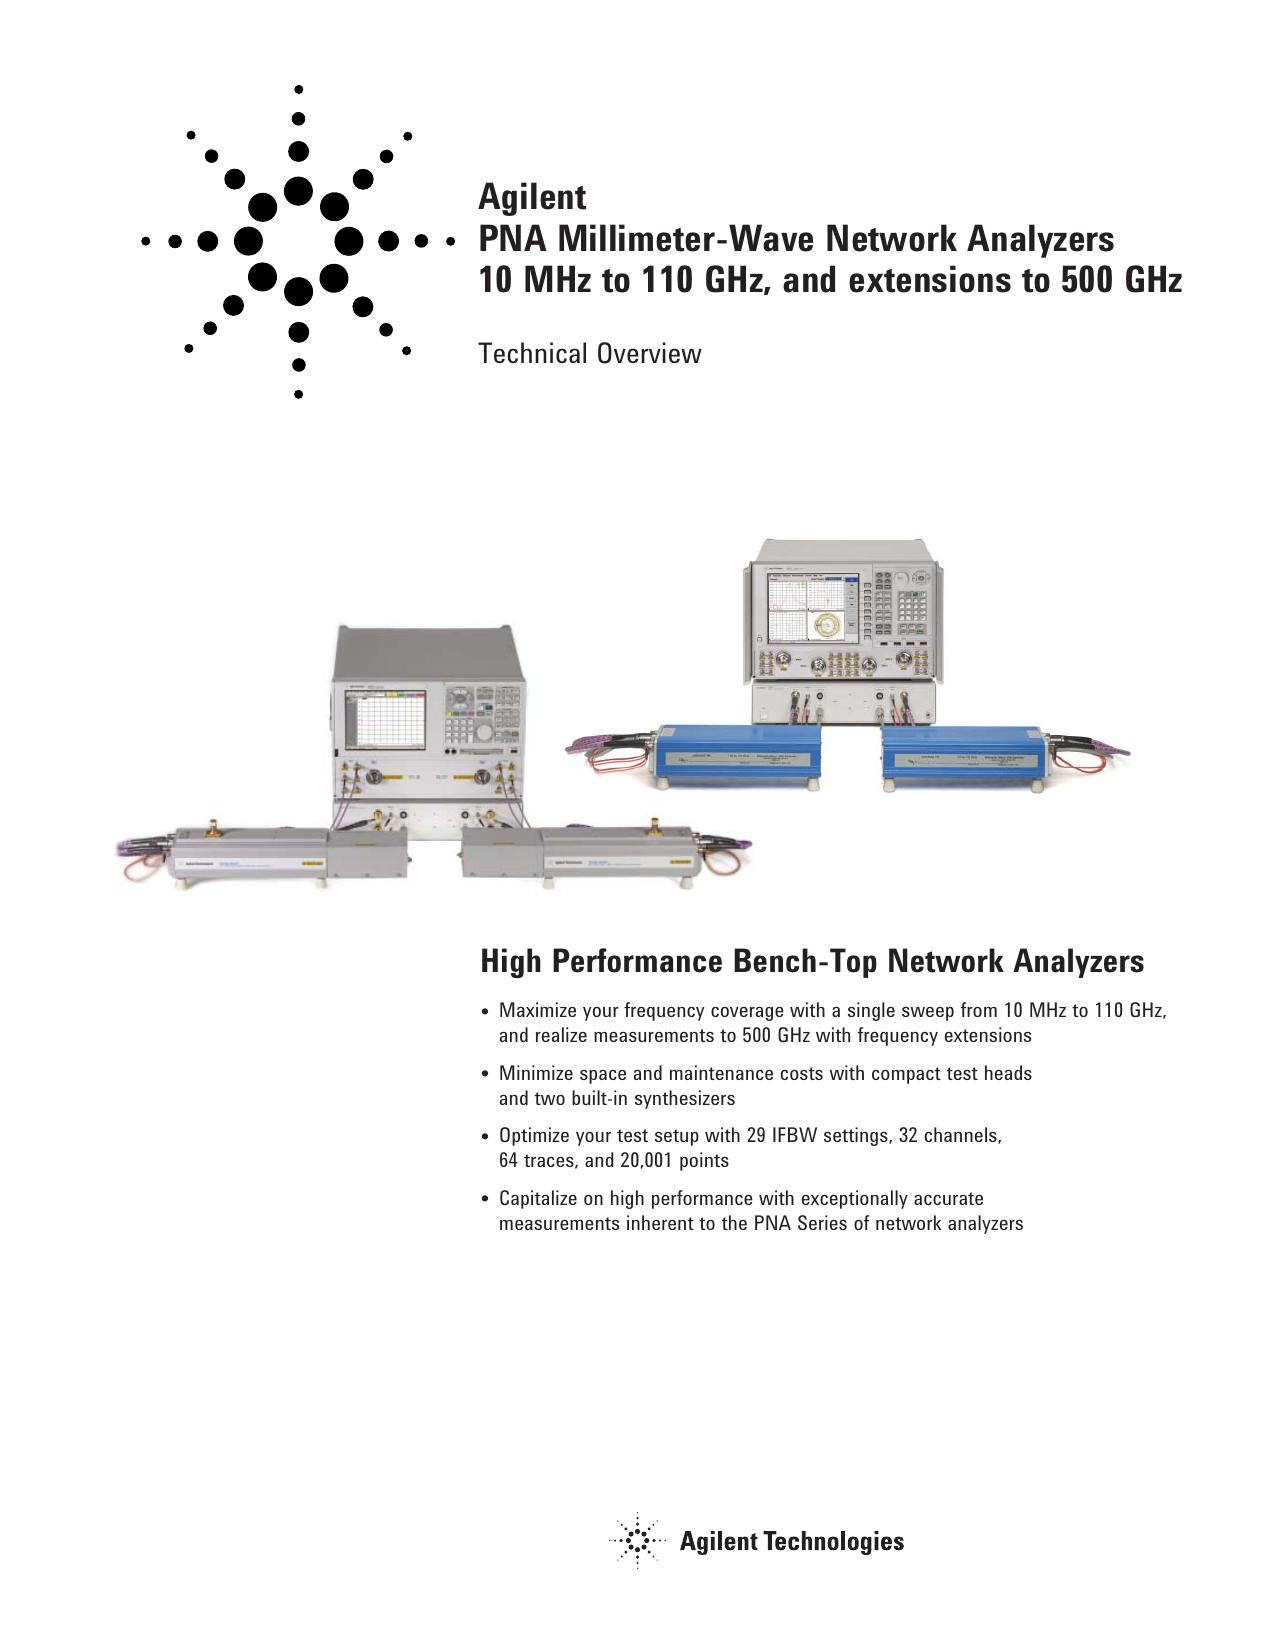 Agilent PNA Millimeter-Wave Network Analyzers 10 MHz to 110 GHz